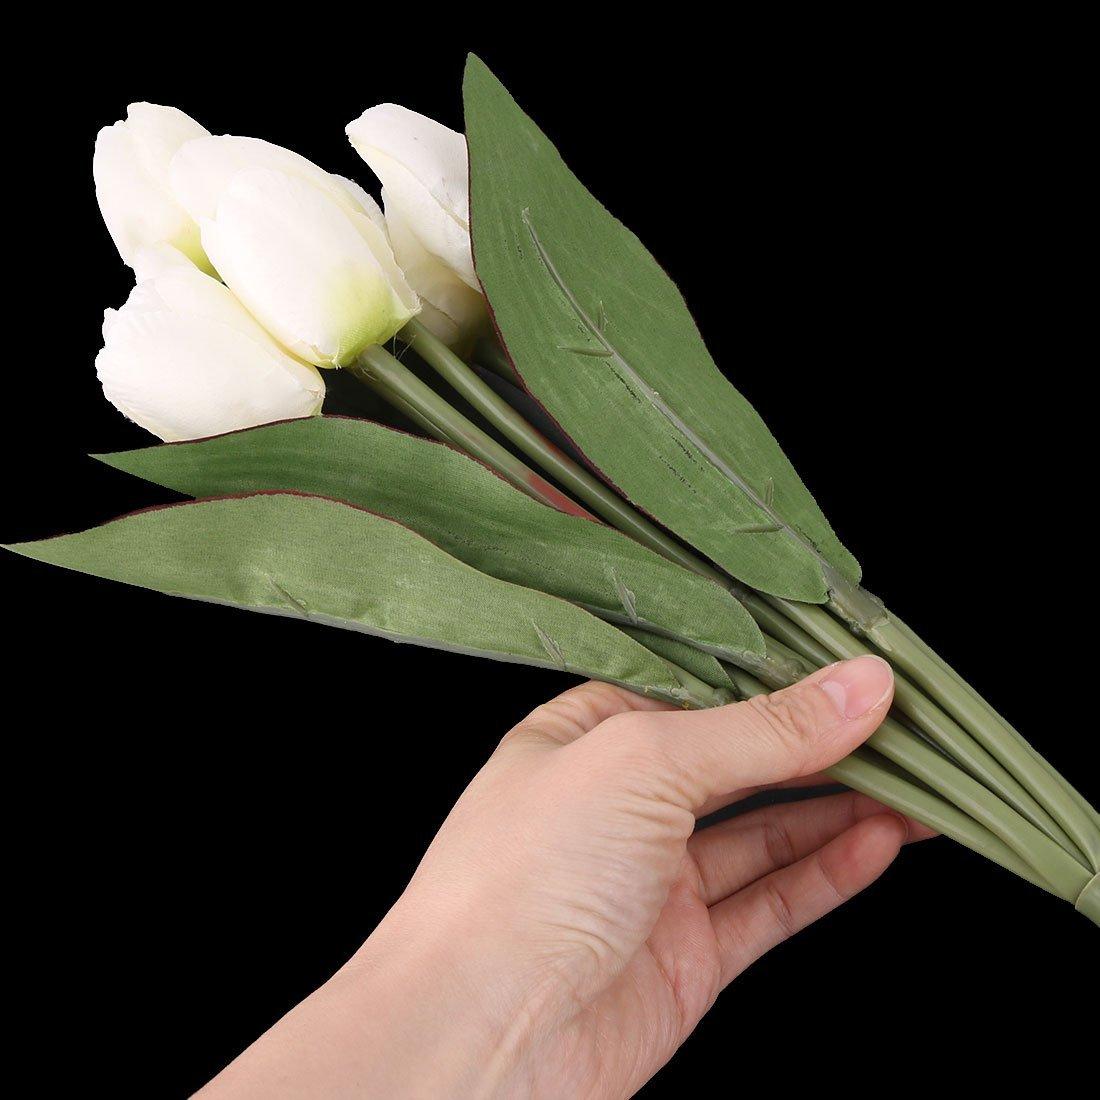 Amazon.com: eDealMax plástico dormitorio DIY del ornamento de Los tulipanes artificiales de la simulación de la Flor Blanca: Home & Kitchen